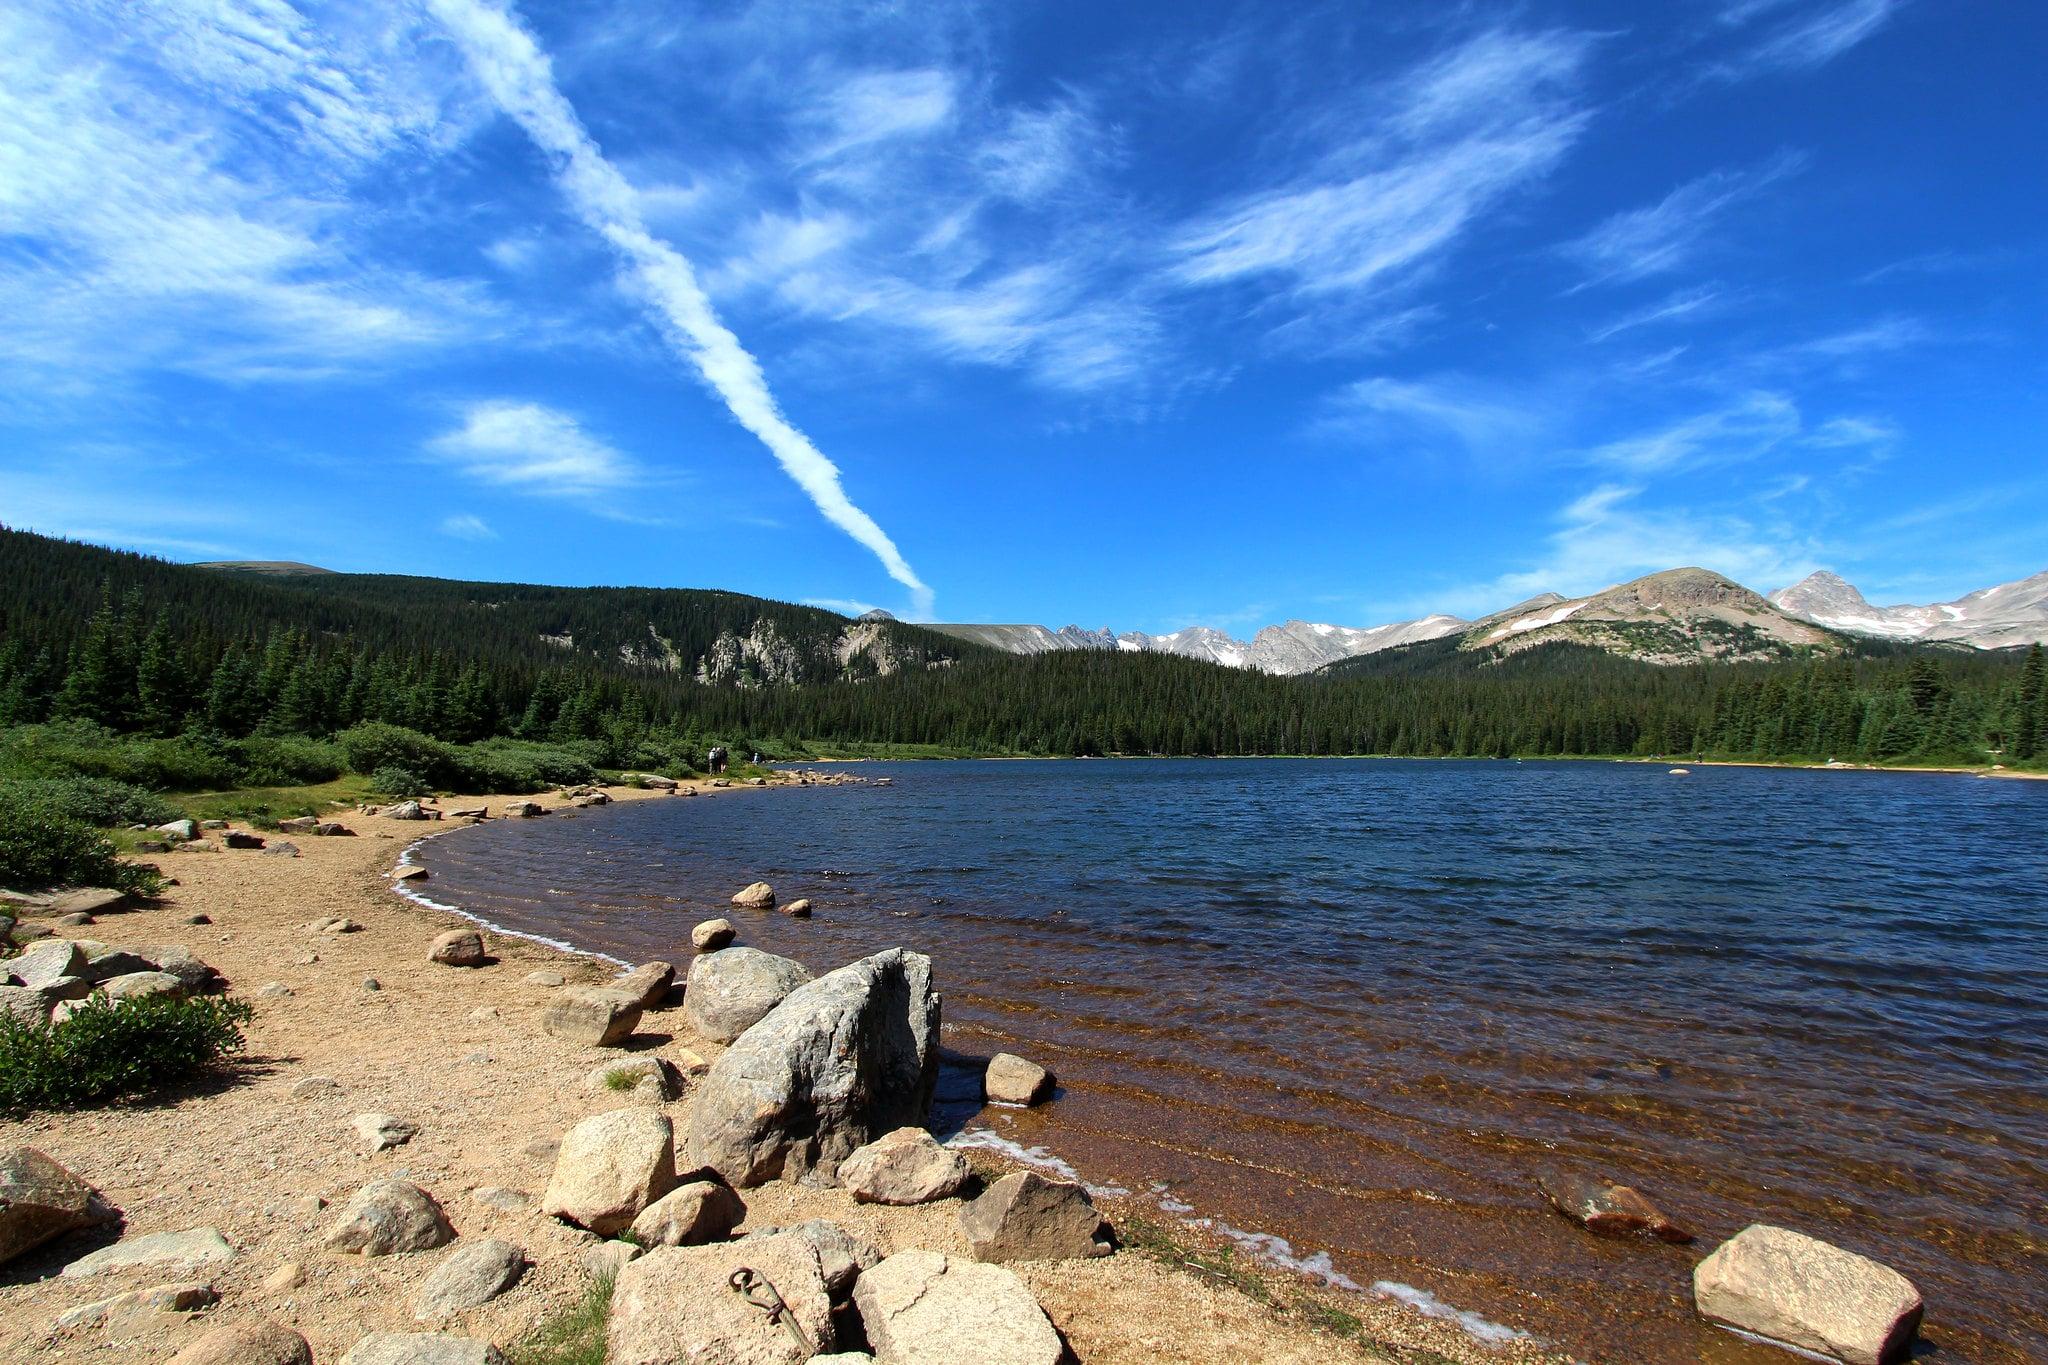 image of brainard lake